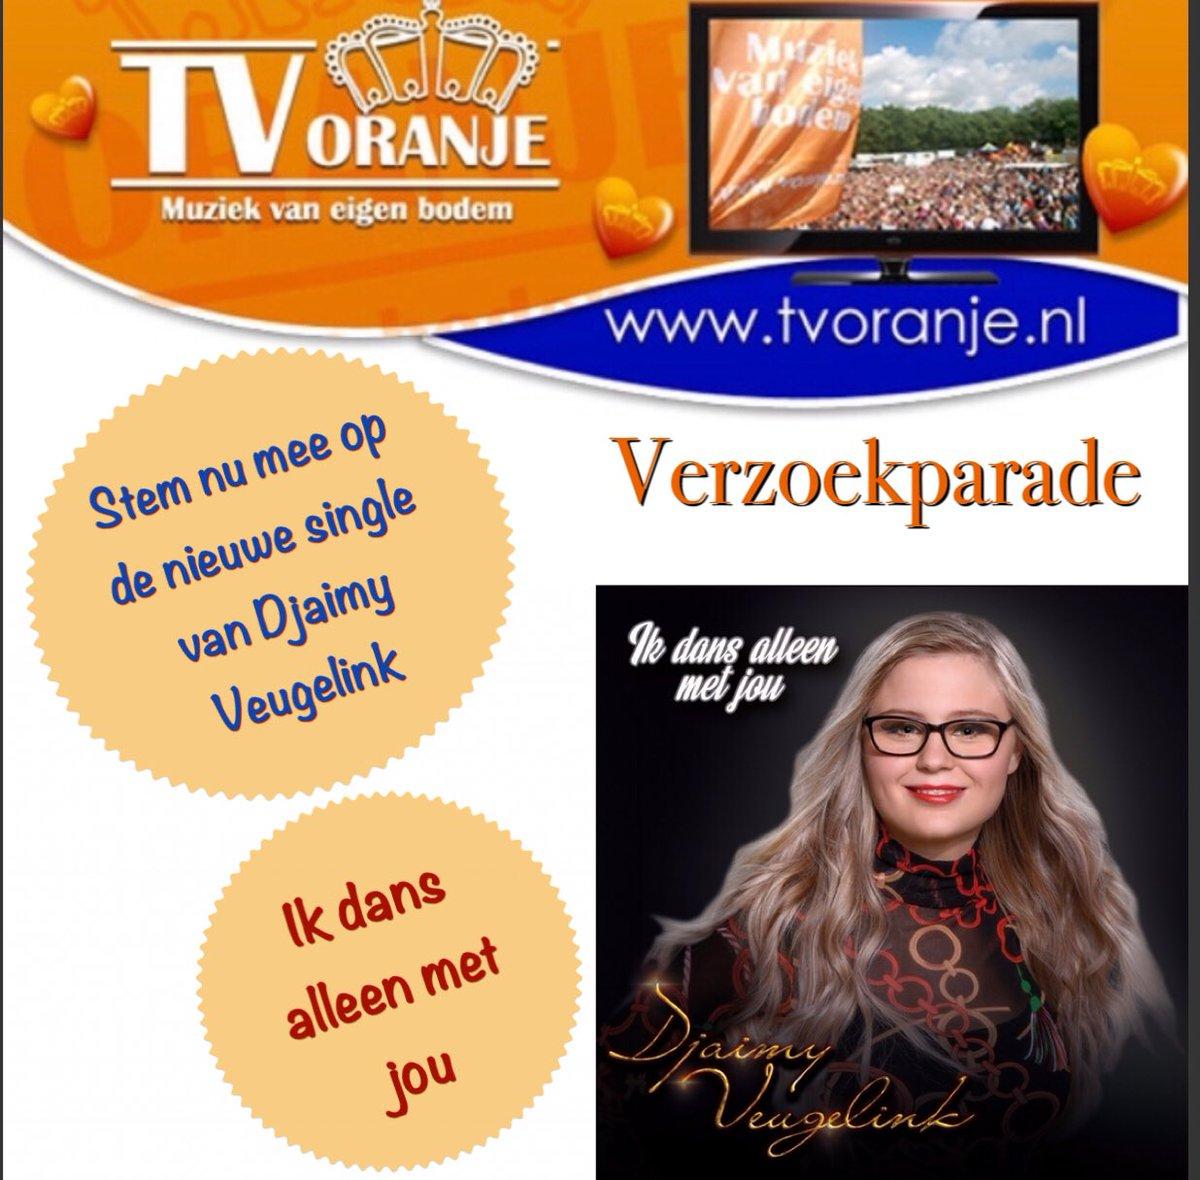 """Wil jij #DjaimyVeugelink vanavond op TV Oranje zien?, stem dan nu mee op haar nieuwSte single & clip """"Ik dans alleen met jou"""" op: http://www.tvoranje.nl/verzoekparade.html…. . Alvast bedankt voor jullie stem en steun👍🏻🎬"""